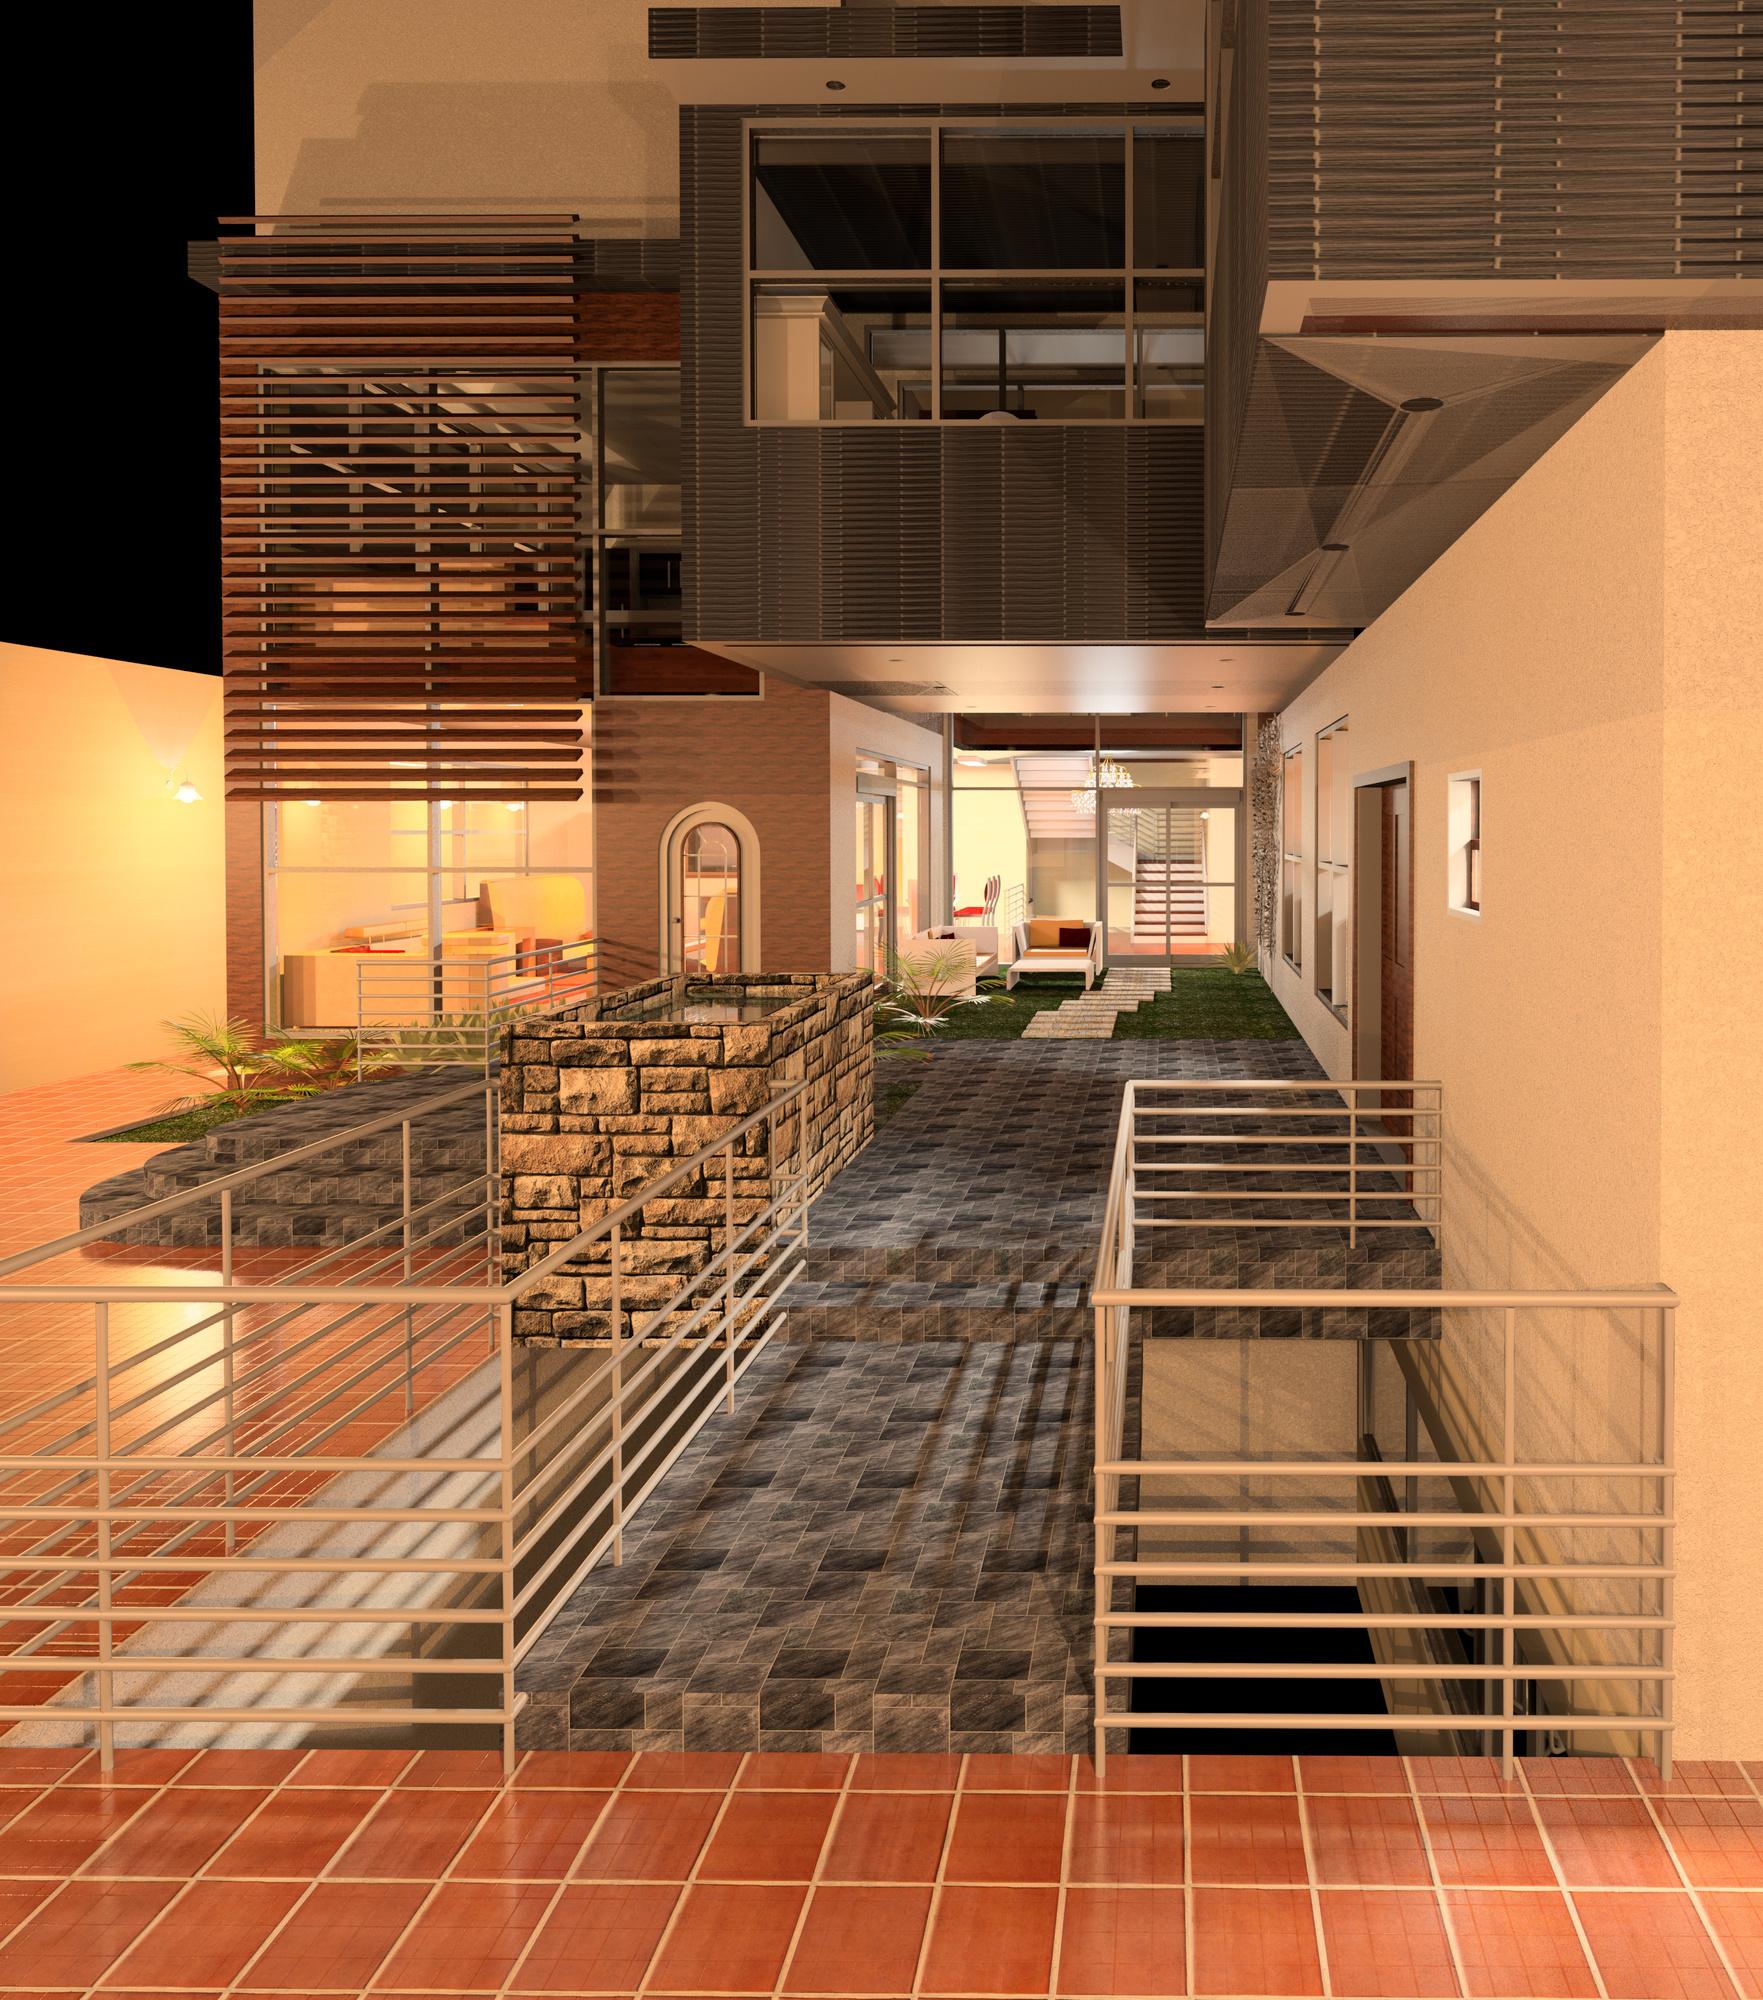 Raas-rendering20150527-27723-24m1yx